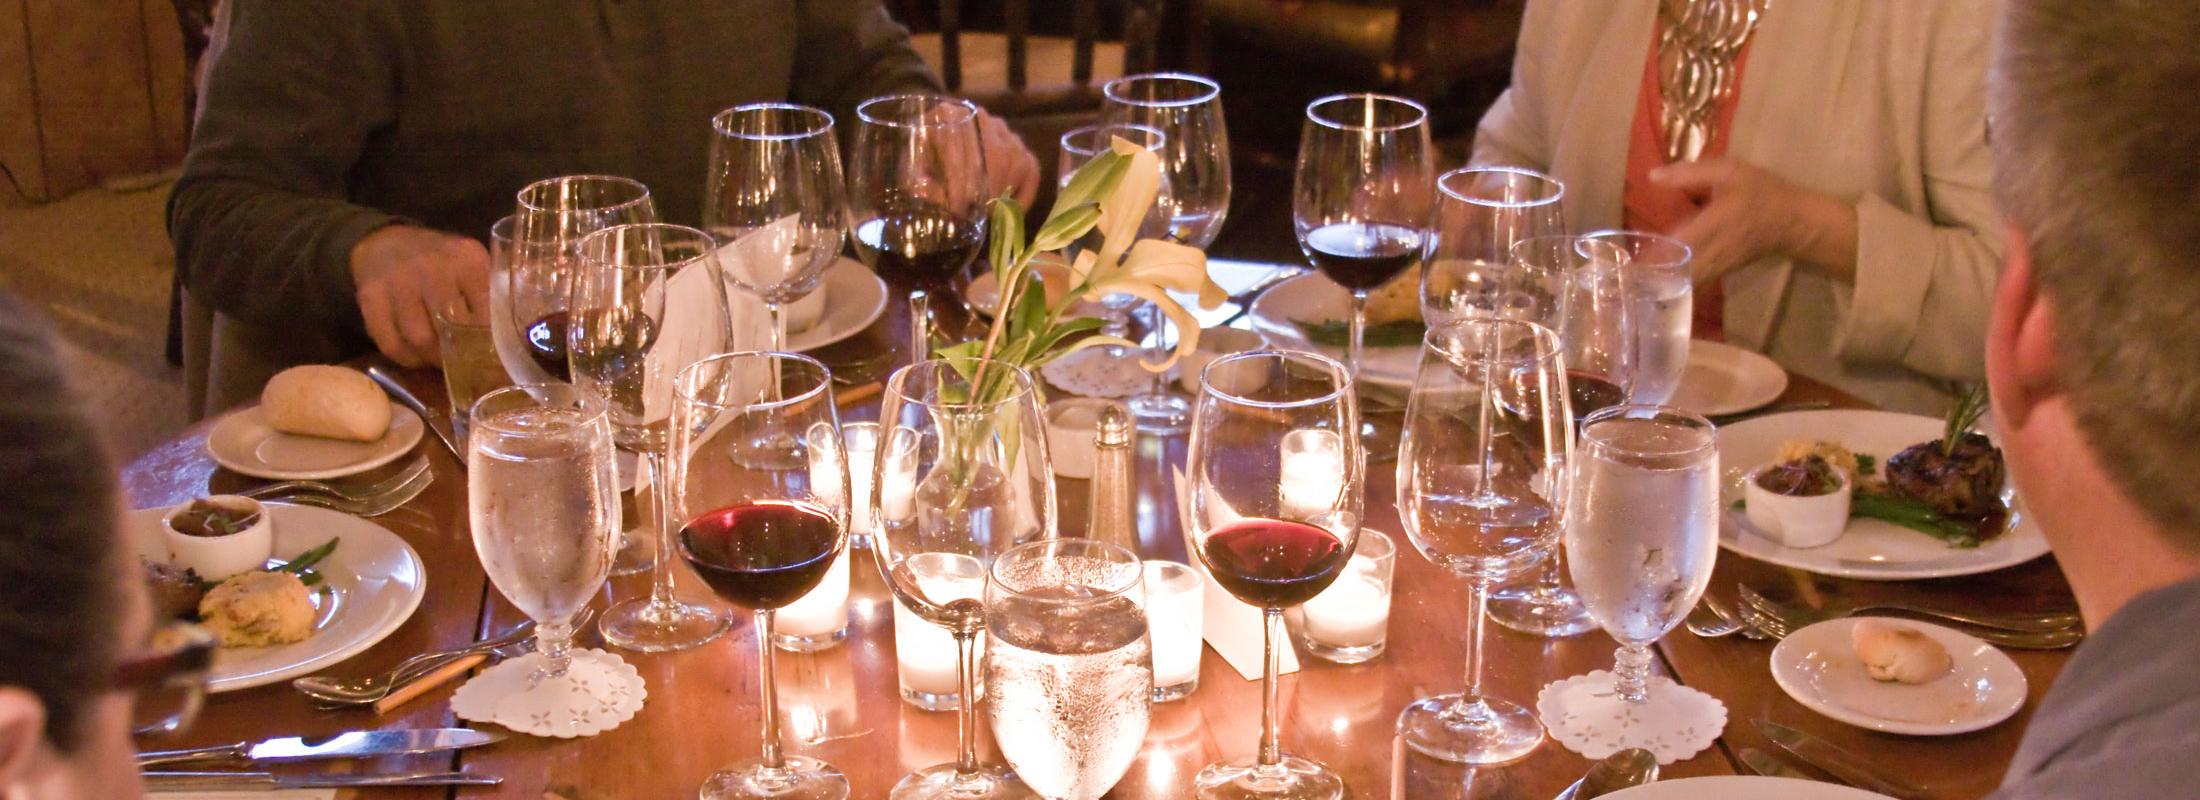 dinner_banner2